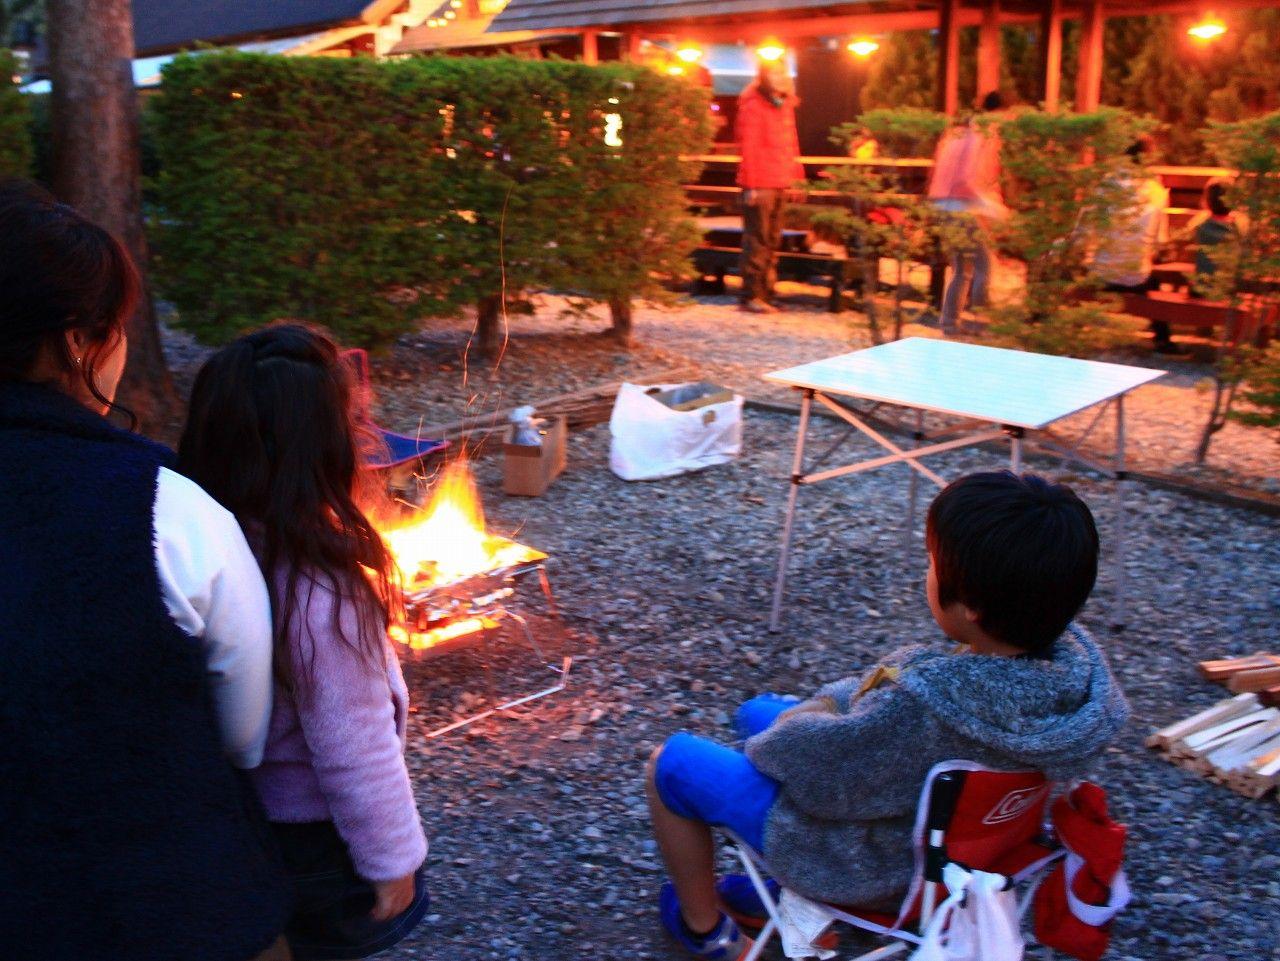 キャンプの醍醐味!日常では味わえない火のある時間を体験